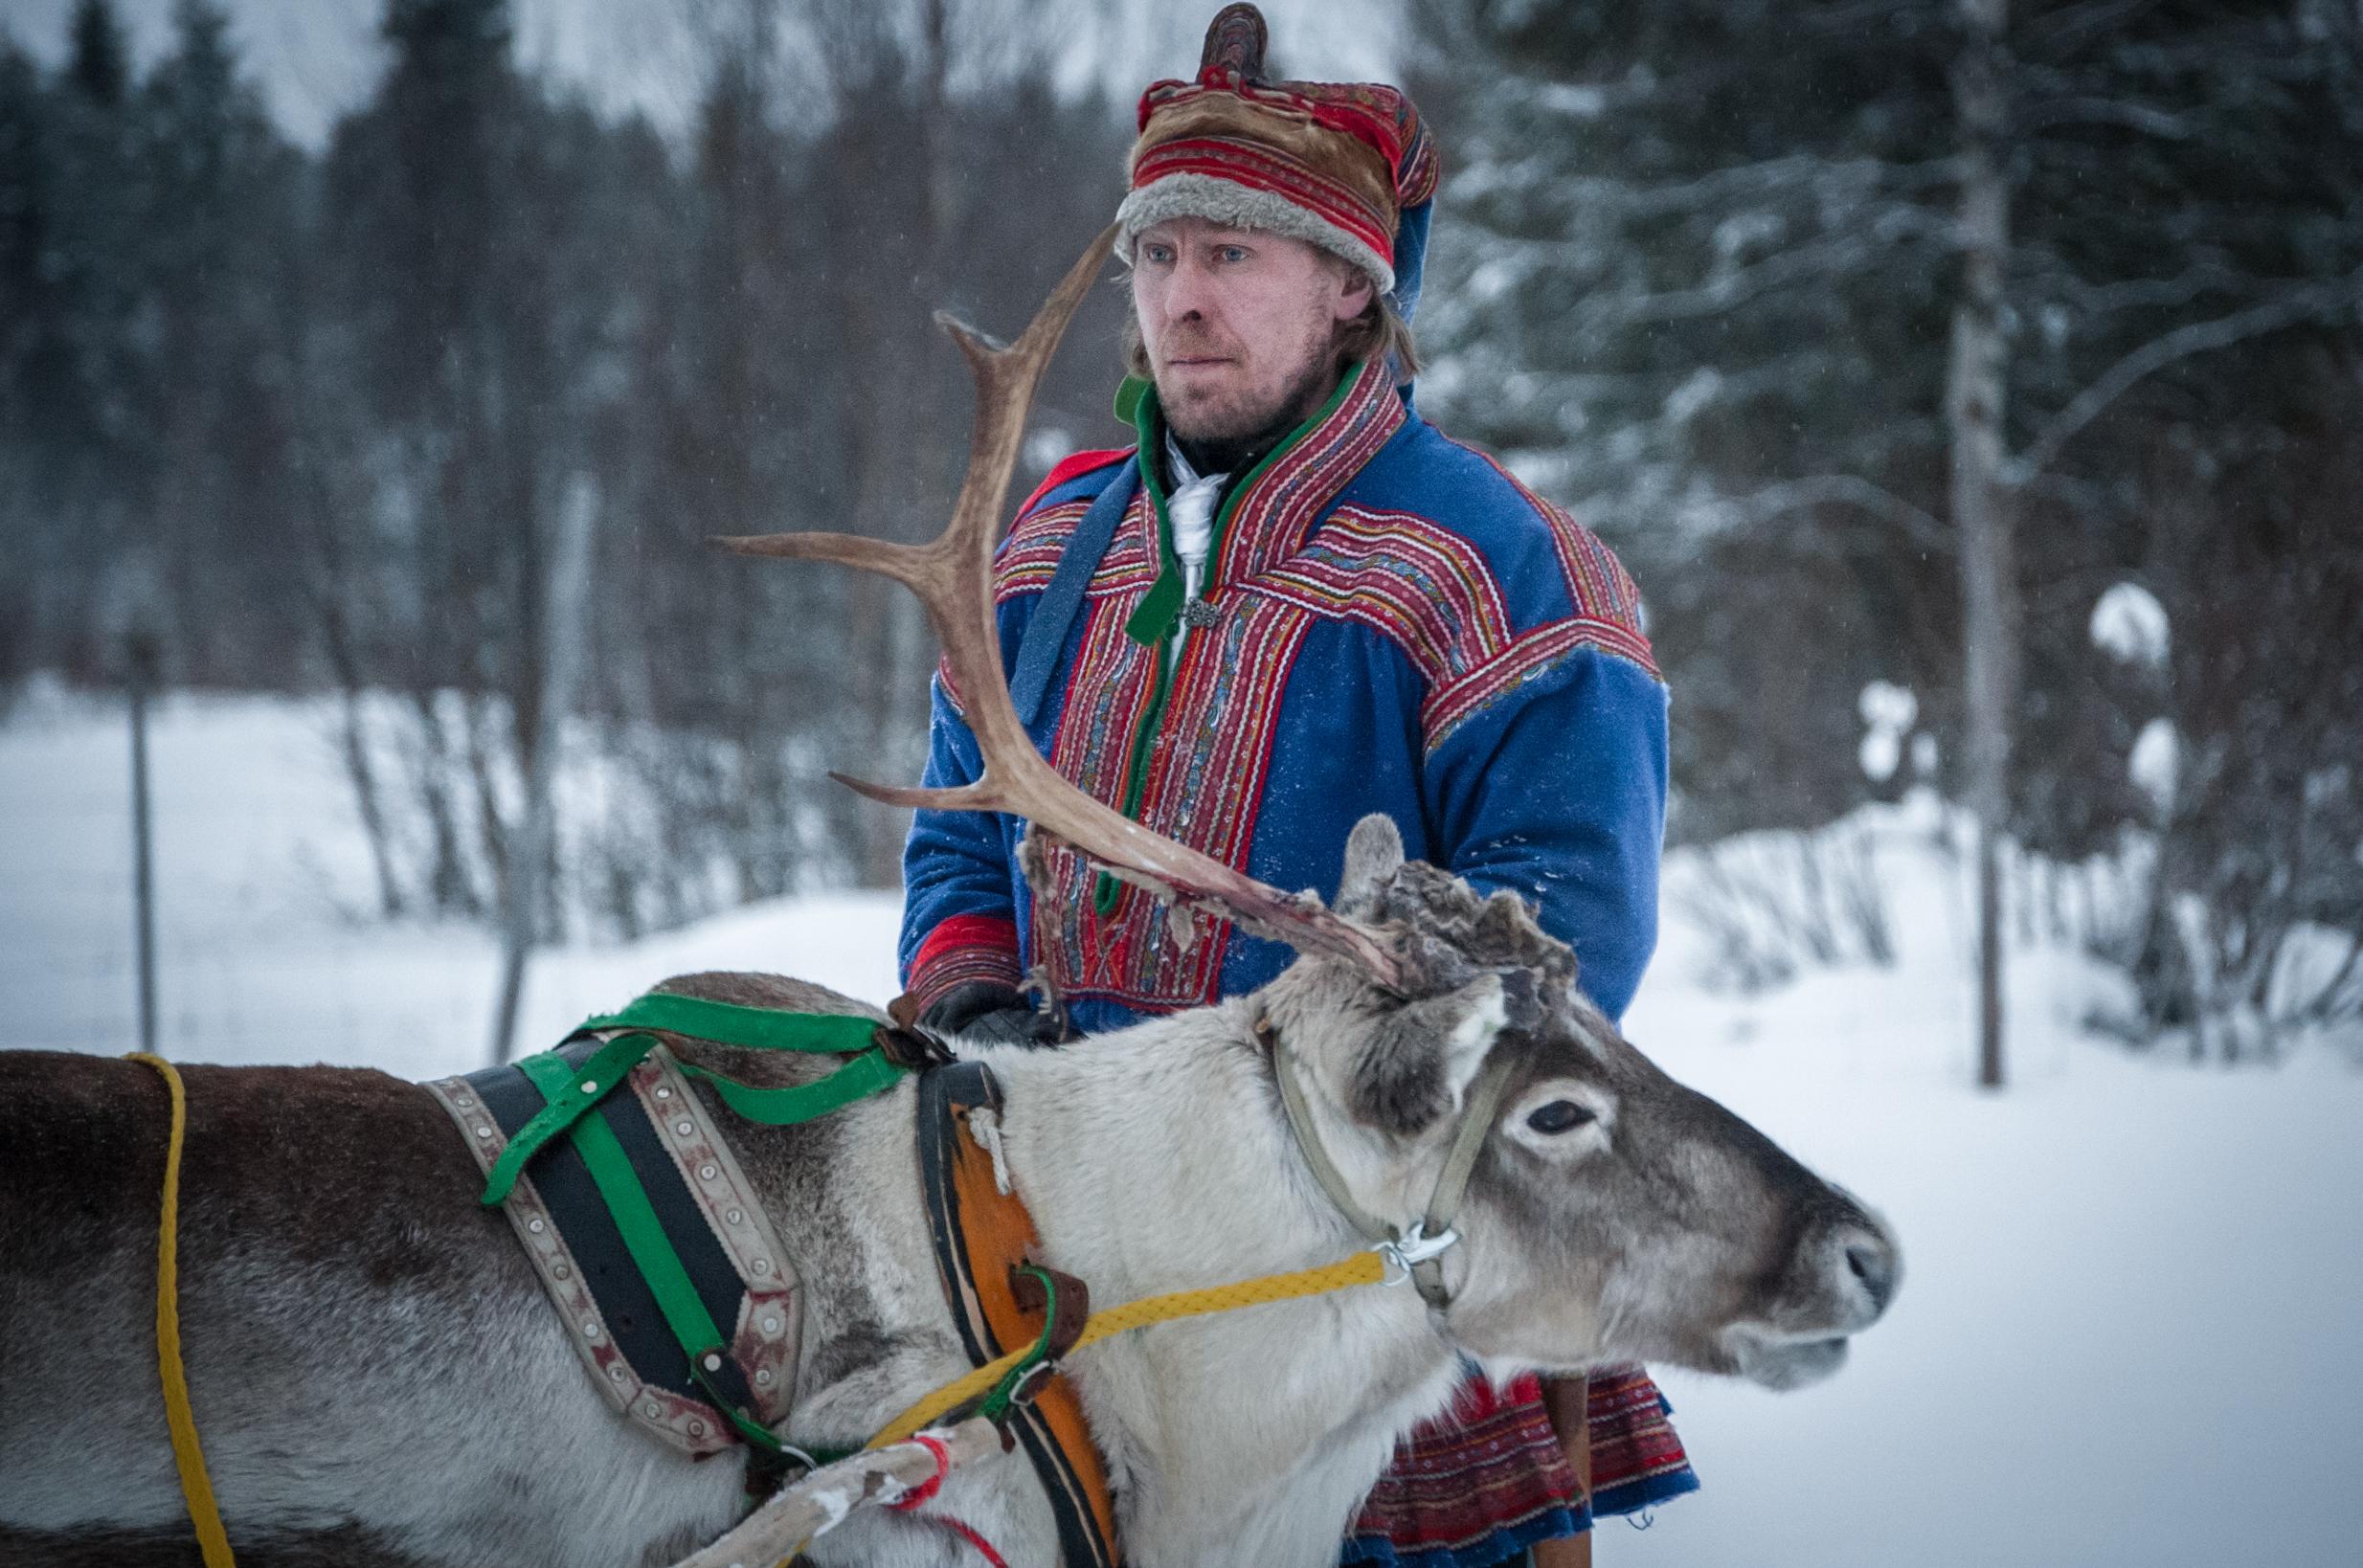 Lpl_reindeer_saami.jpg